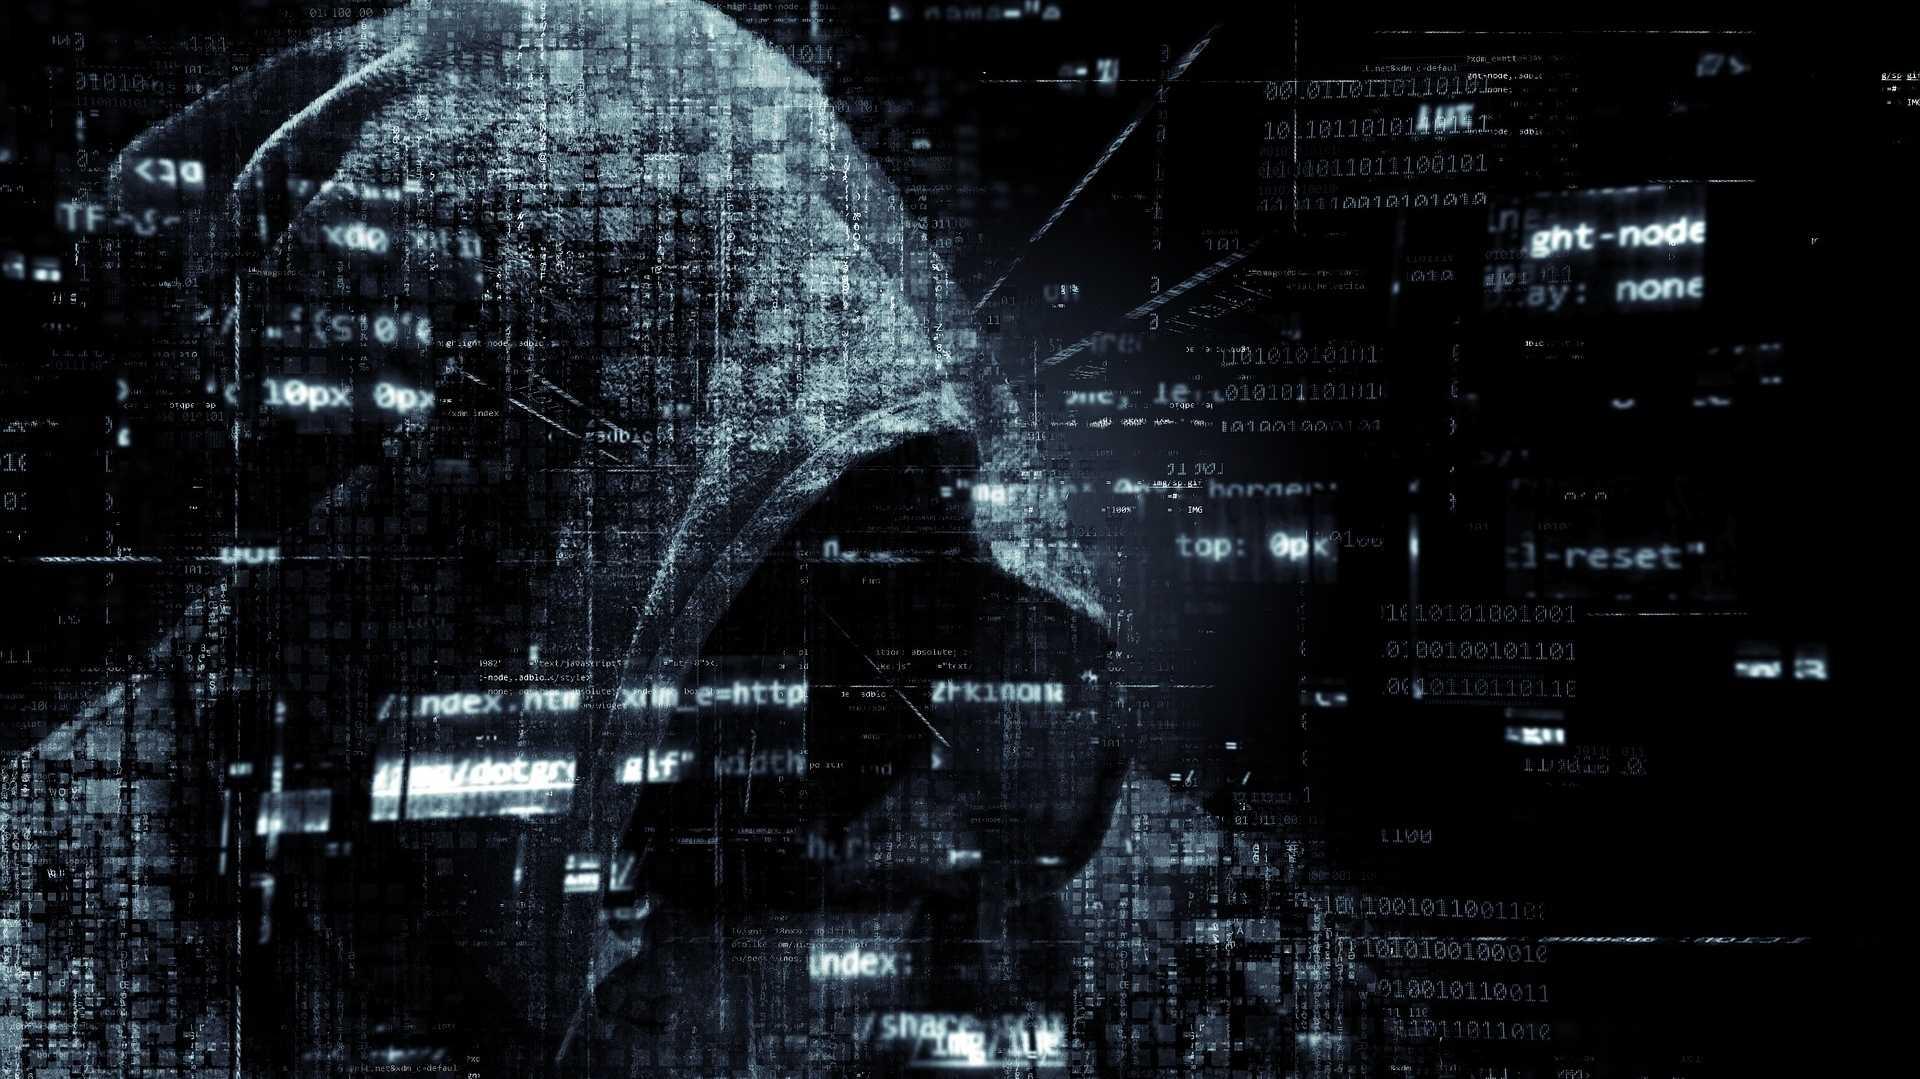 DNA-Webseite MyHeritage: Hacker kopiert Daten von 92 Millionen Nutzern